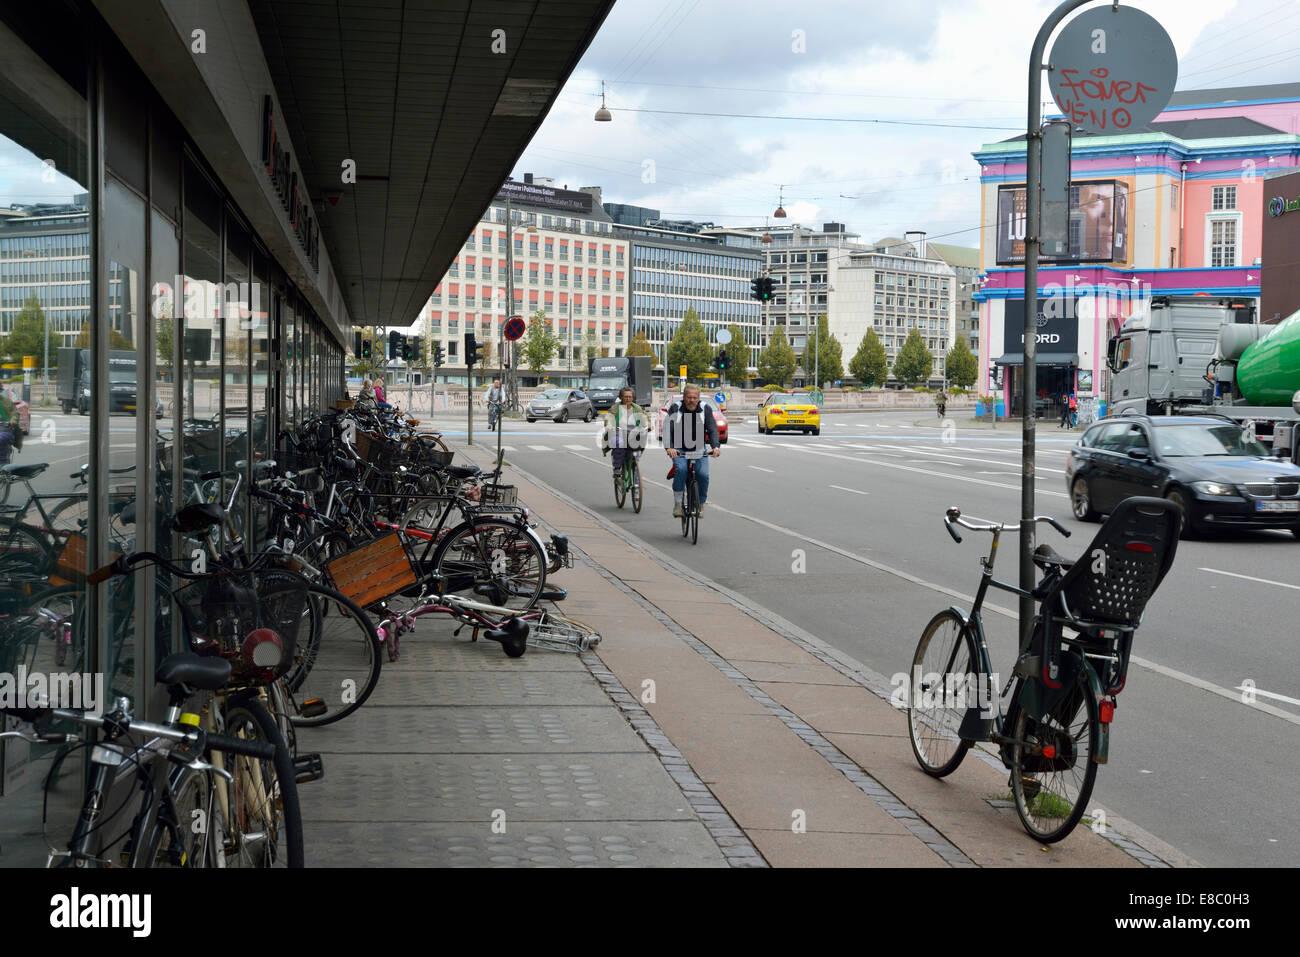 Bicycles in front of hotel, Copenhagen, Denmark 140818_623775 - Stock Image